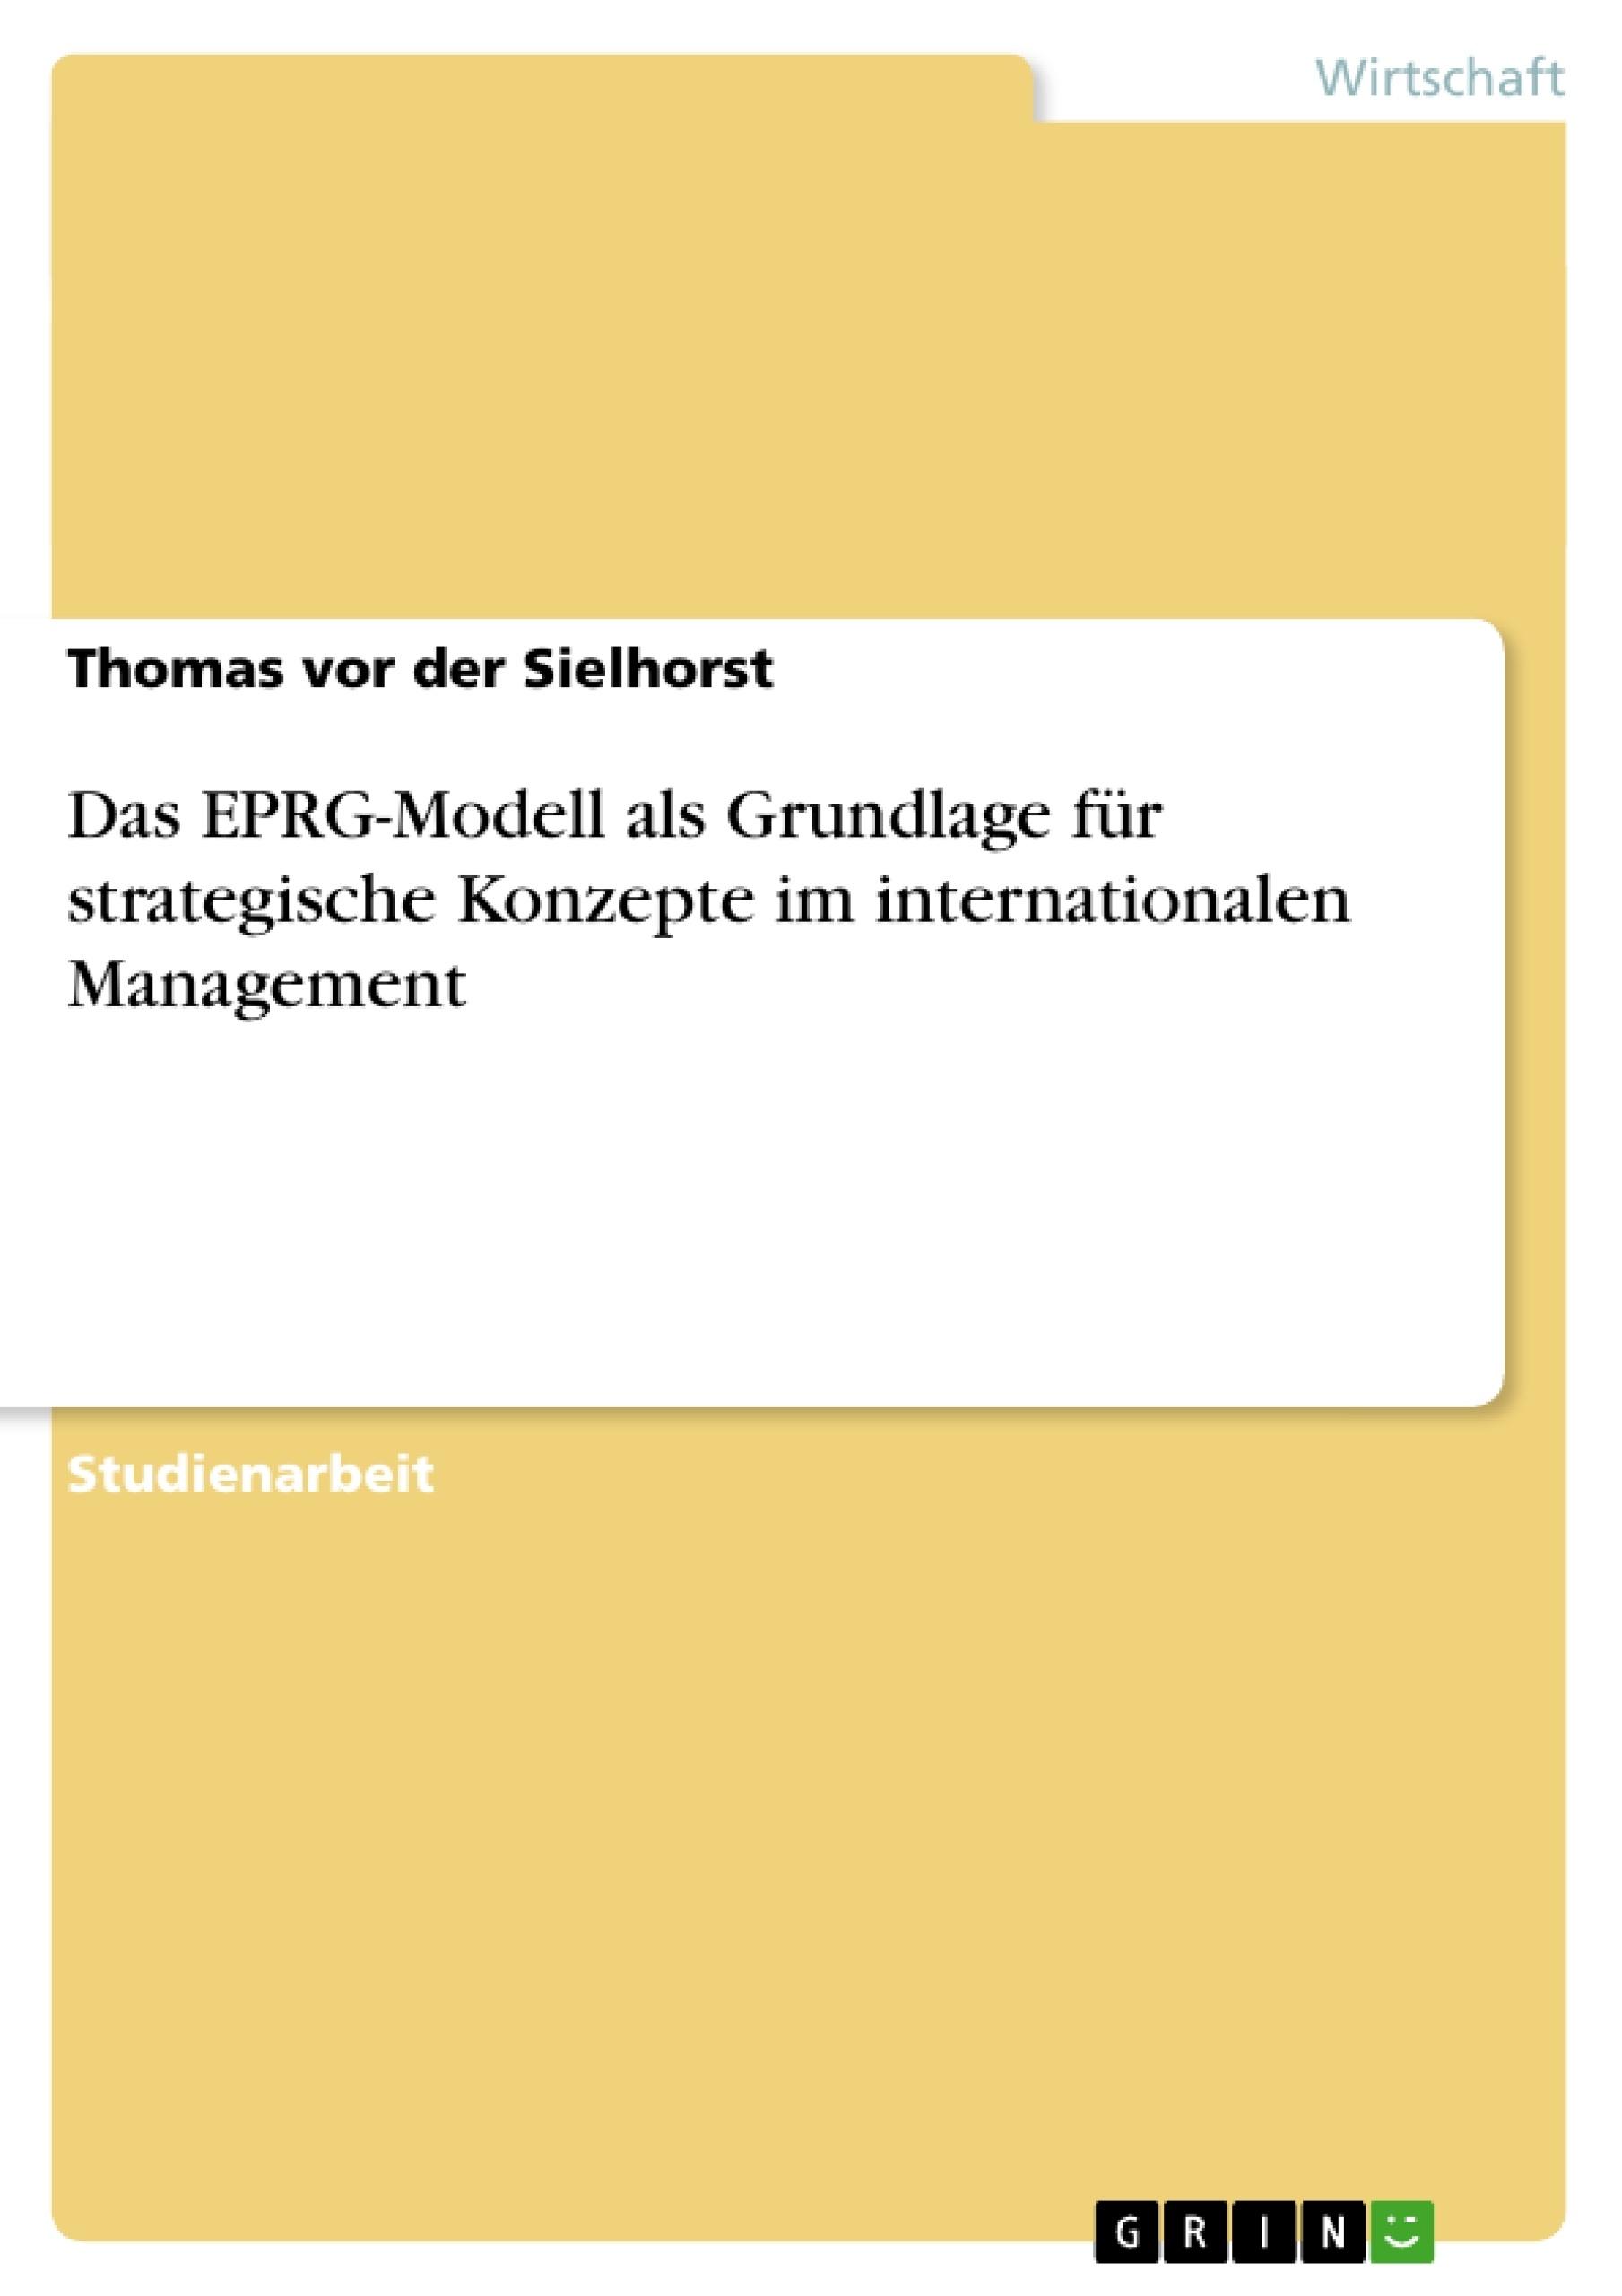 Titel: Das EPRG-Modell als Grundlage für strategische Konzepte im internationalen Management